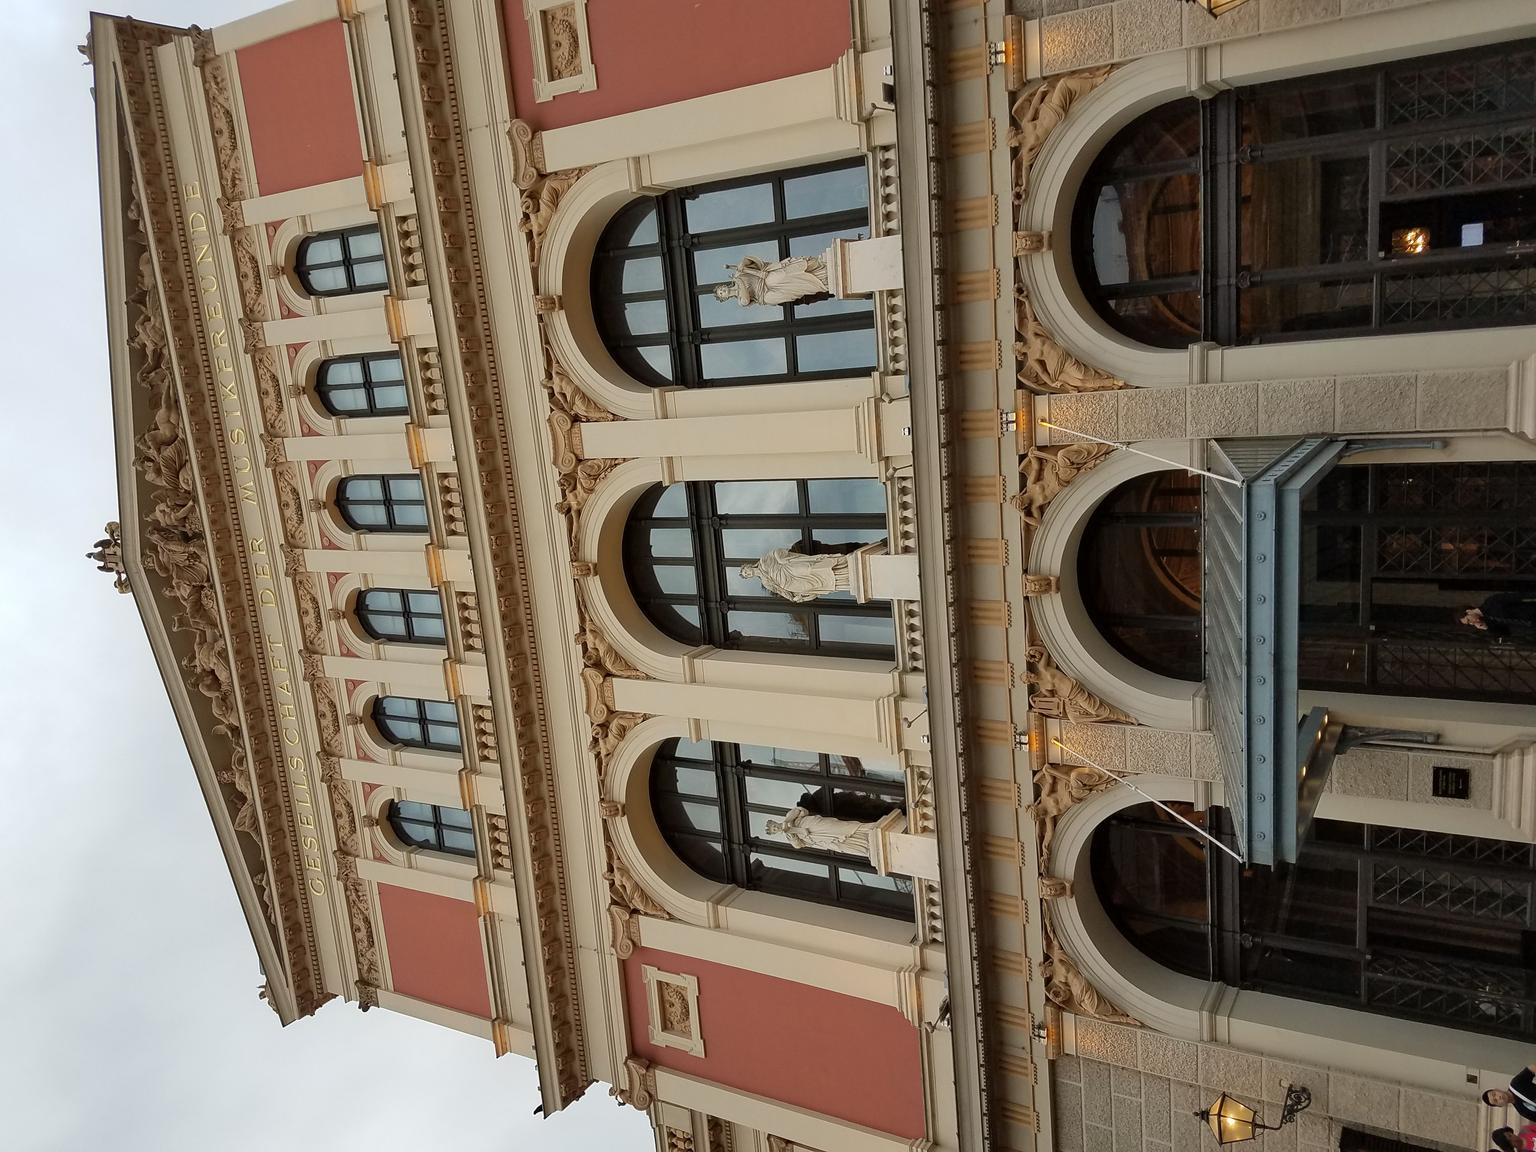 MÁS FOTOS, Noche de Mozart en Viena: Cena gourmet y concierto en el Musikverein